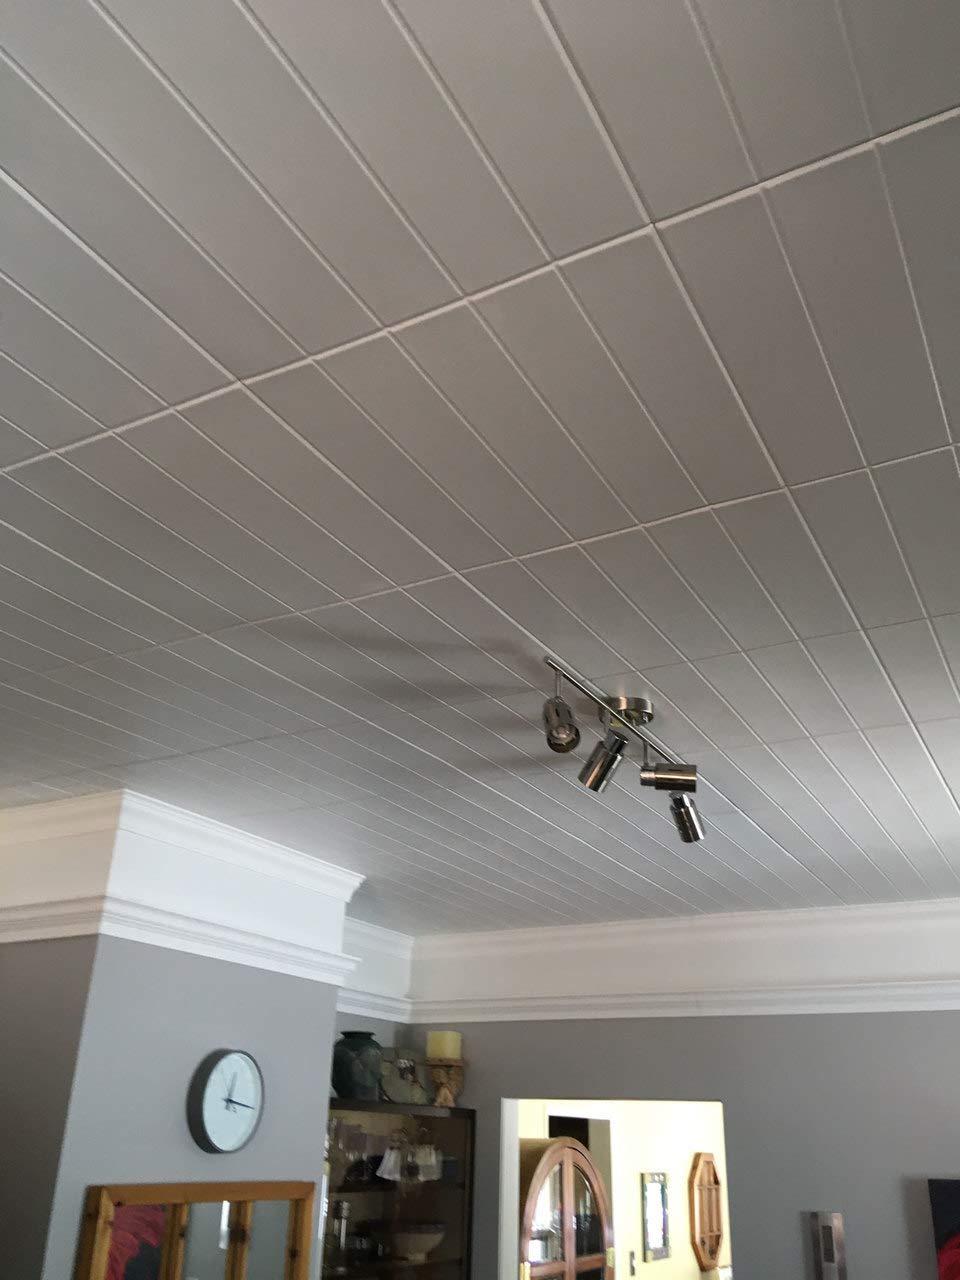 A la Maison Ceilings Model#804 Ceiling Tile (Package Of 8 Tiles), Plain White